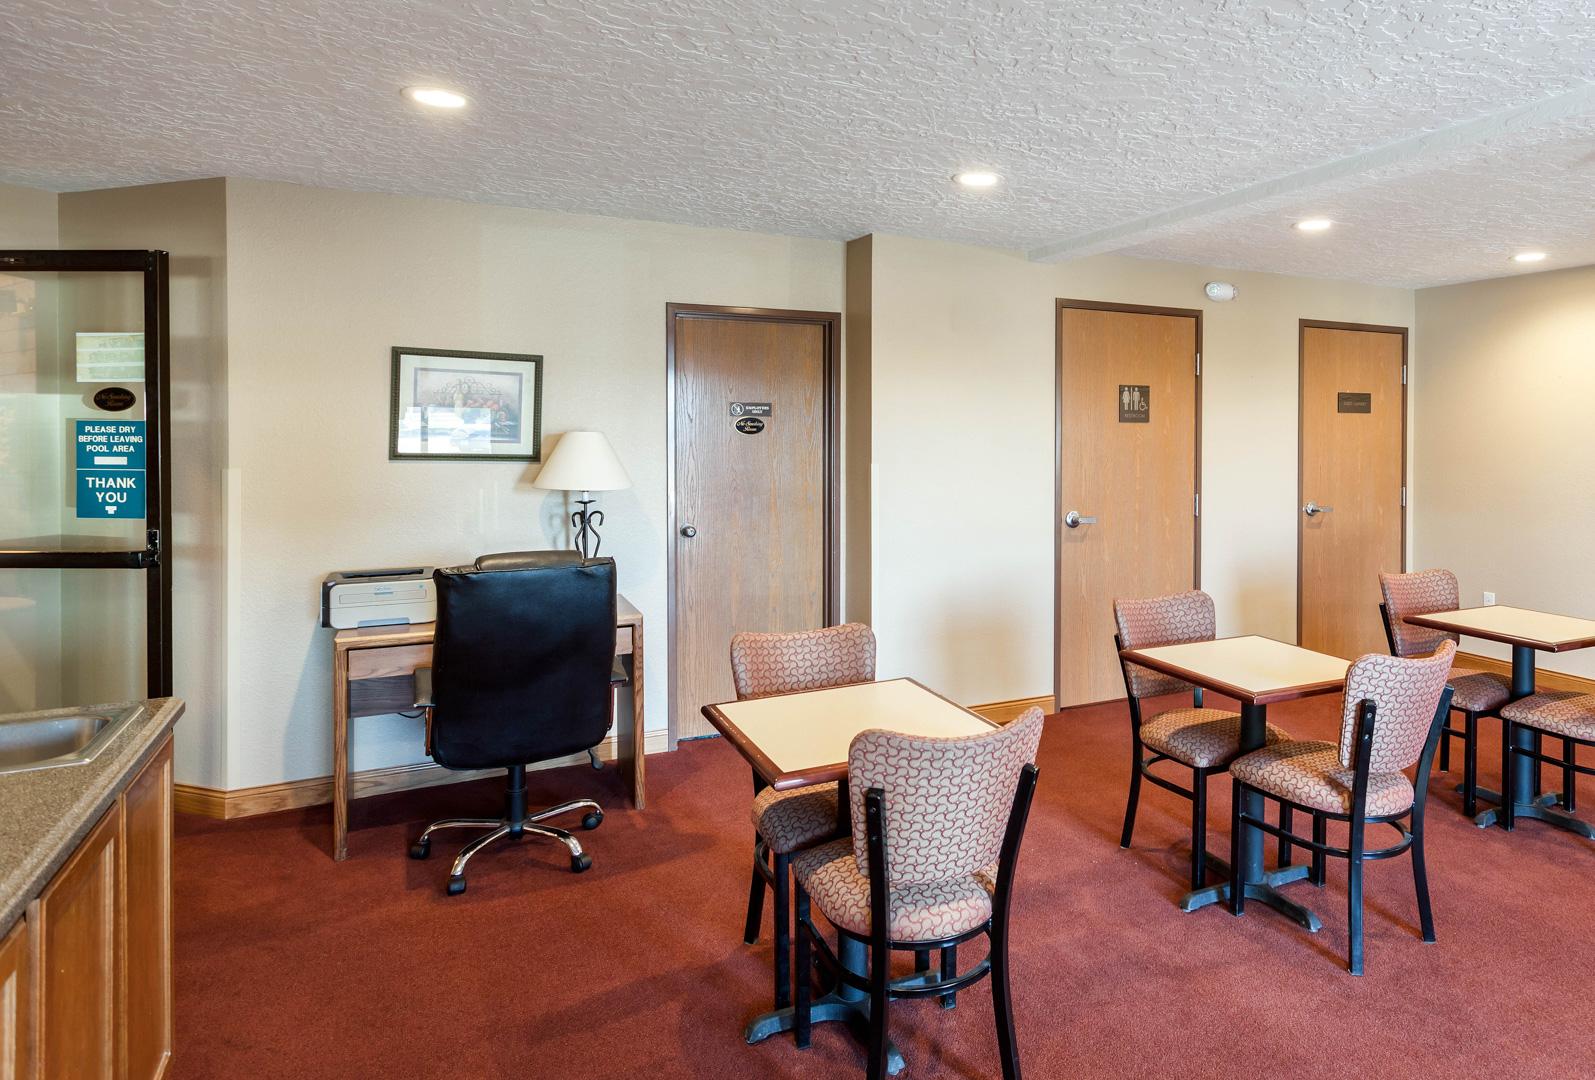 Comfort Inn, Lexington NE